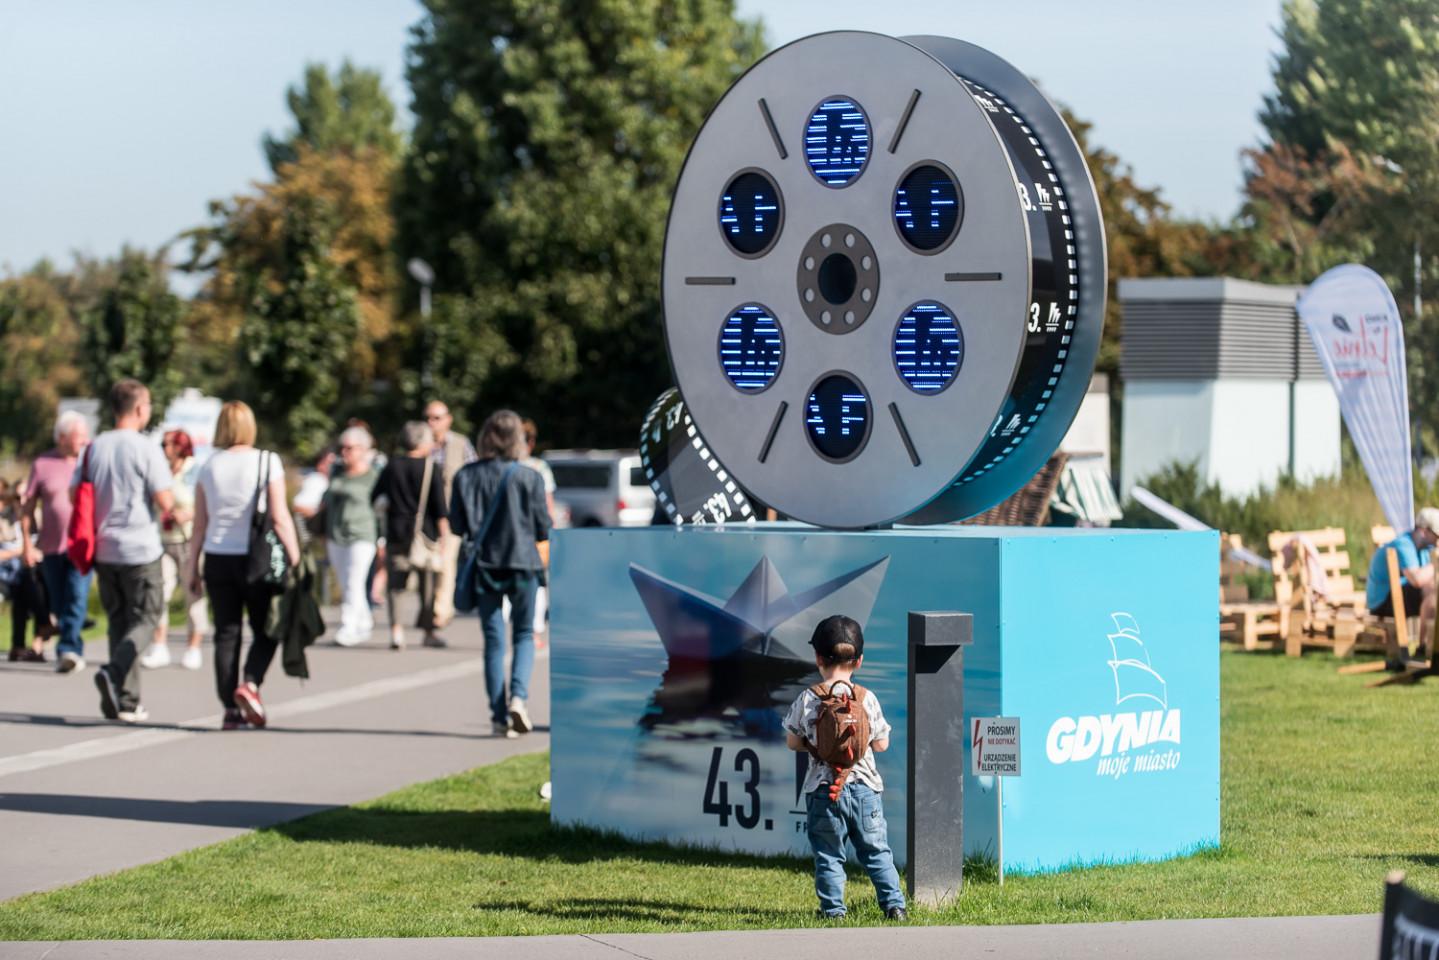 44 Кинофестиваль в Гдыне. Все подробности здесь